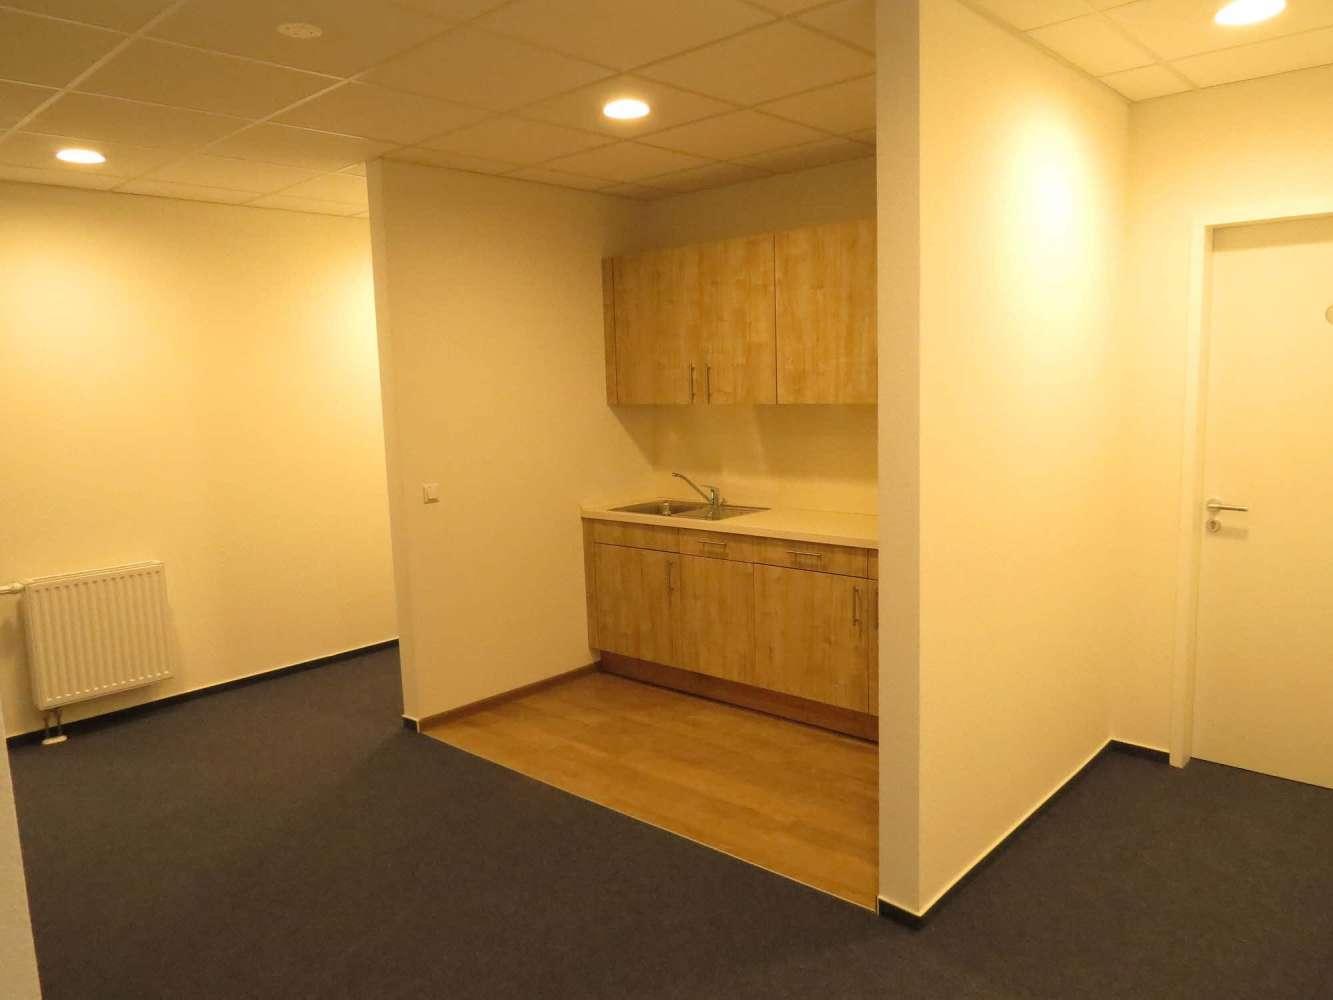 Büros Norderstedt, 22848 - Büro - Norderstedt, Garstedt - H0986 - 9407997